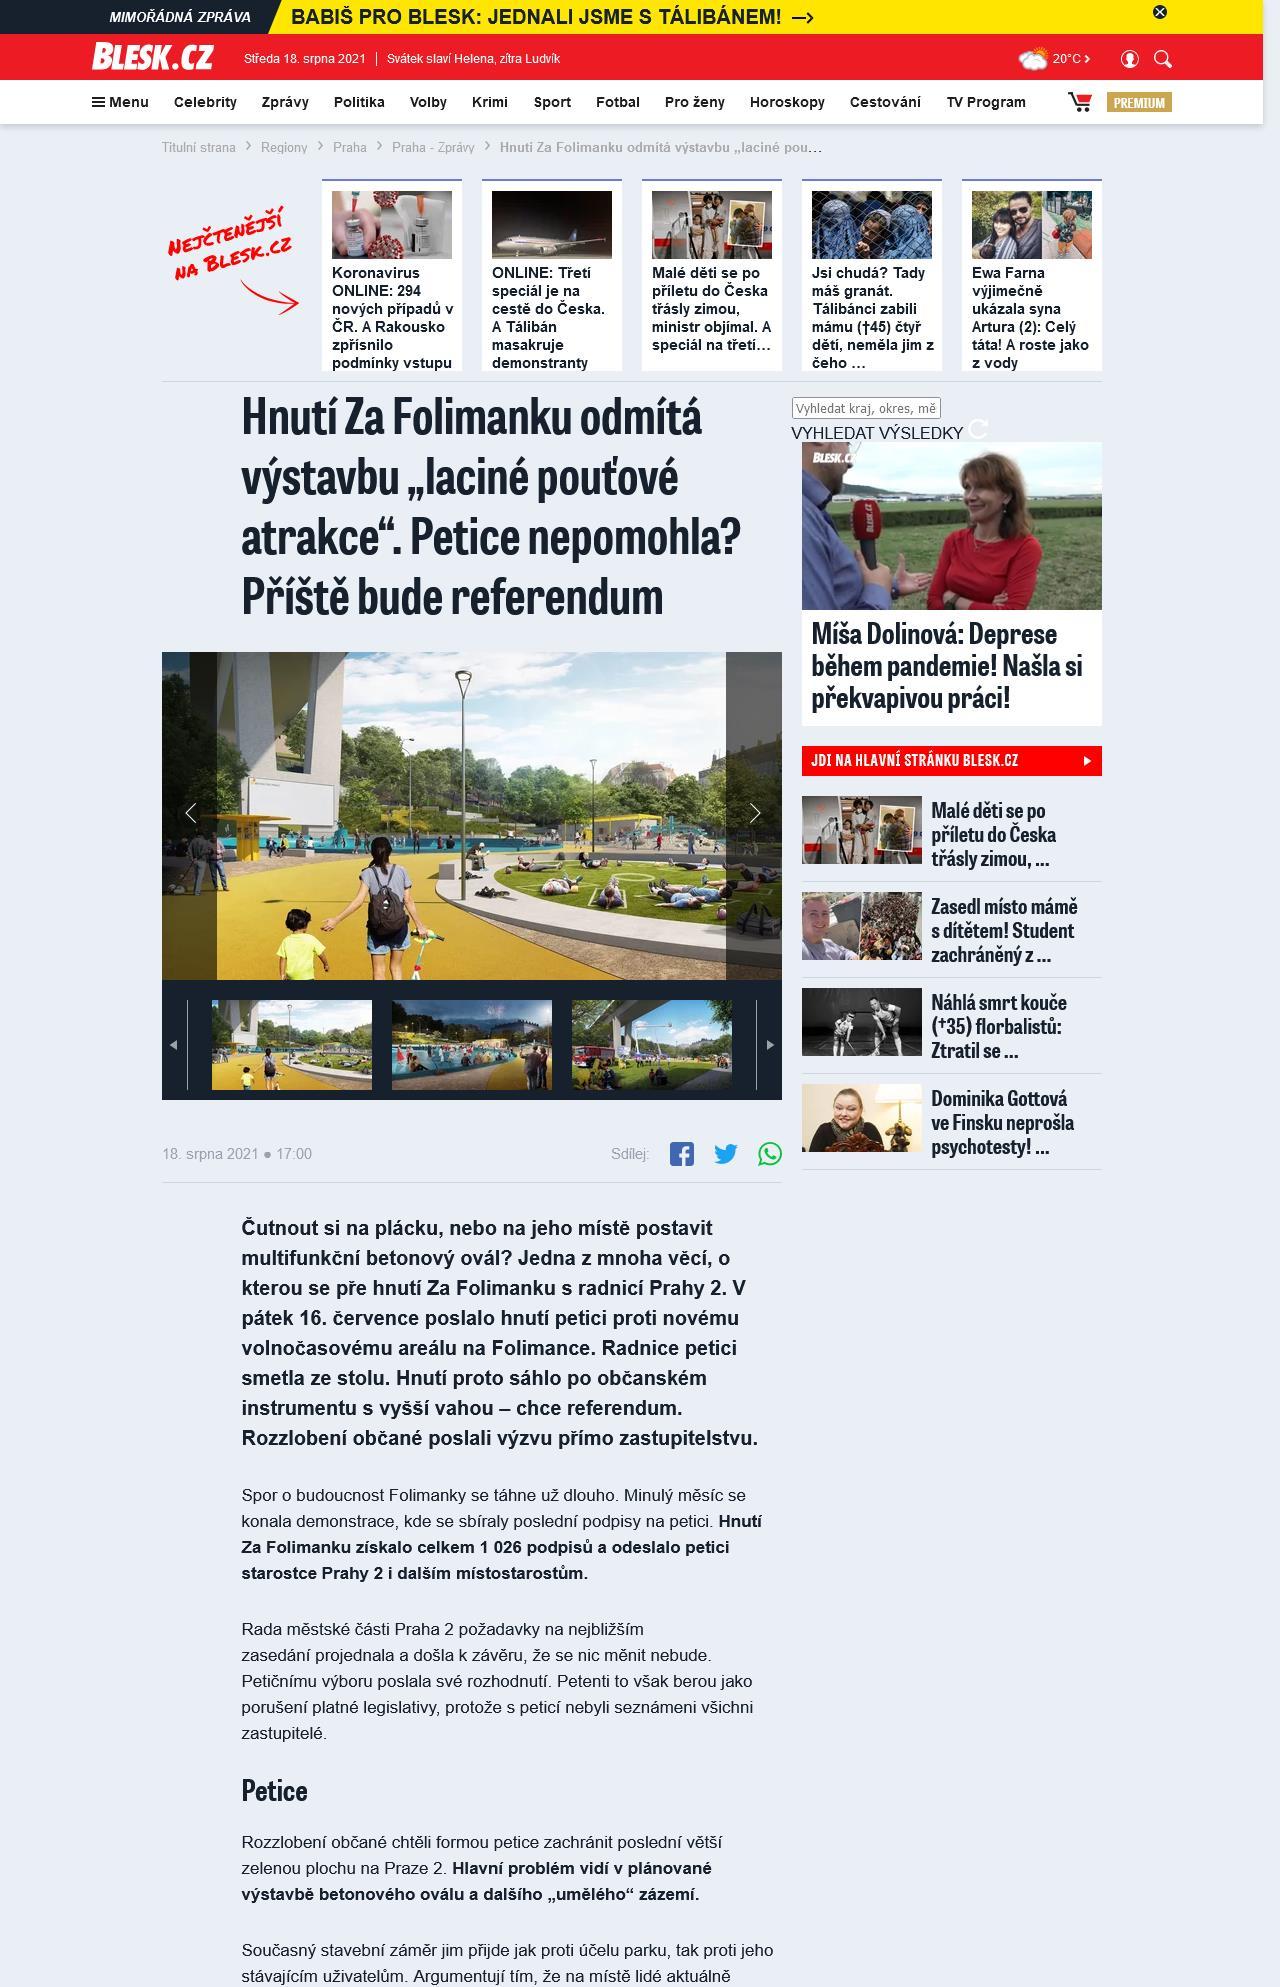 """Blesk: Hnutí Za Folimanku odmítá výstavbu """"laciné pouťové atrakce"""". Petice nepomohla? Příště bude referendum"""